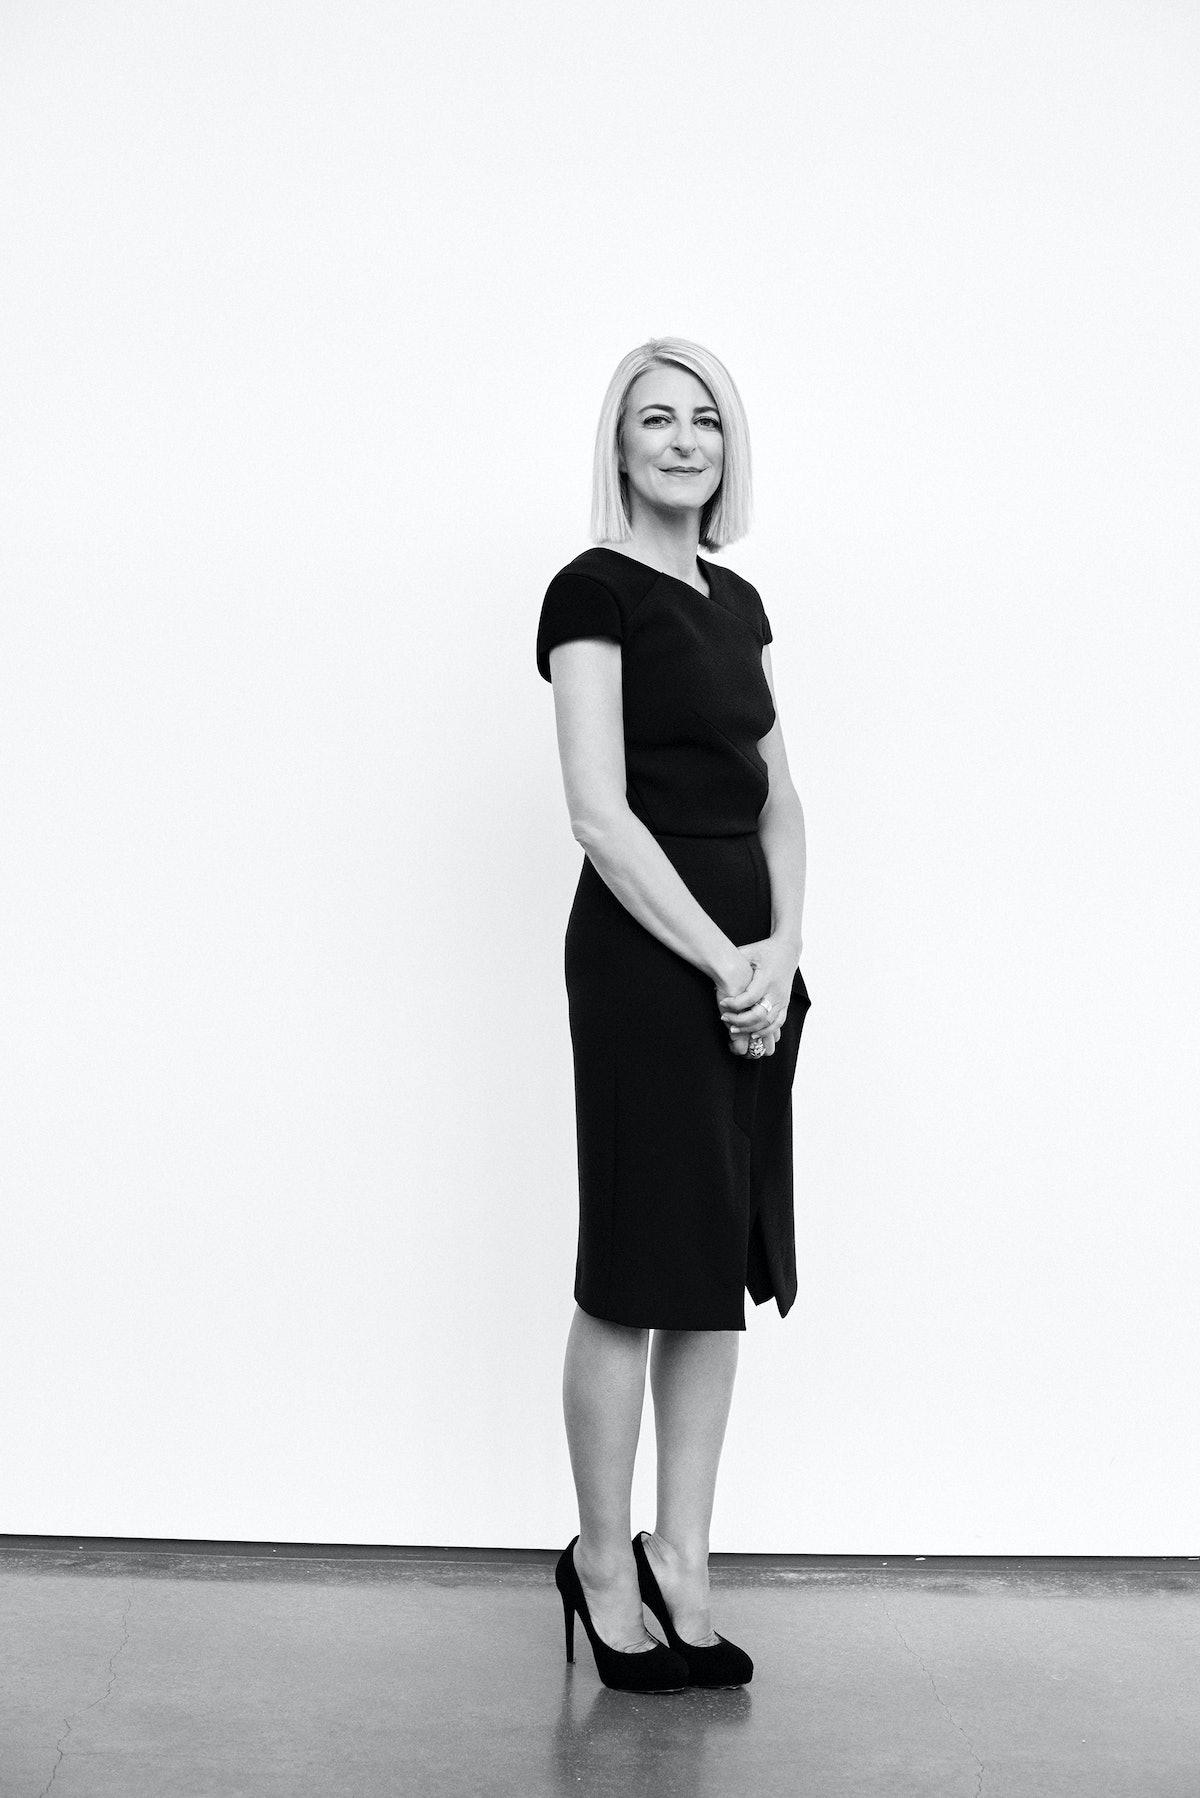 Who's Who: Heidi Zuckerman